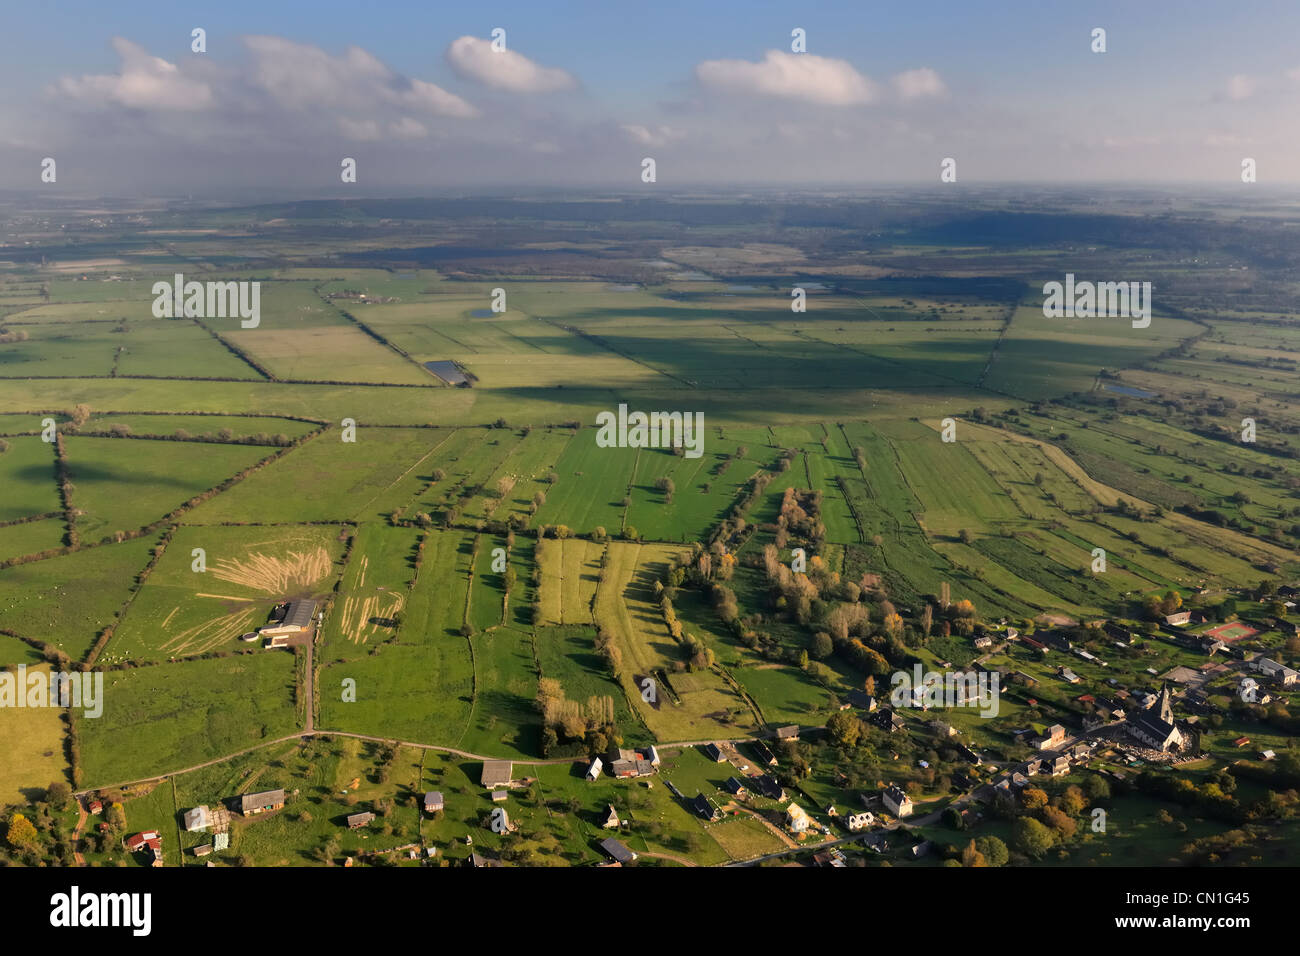 France, Eure, Marais Vernier seen from Saint Samson de la Roque (aerial view) - Stock Image